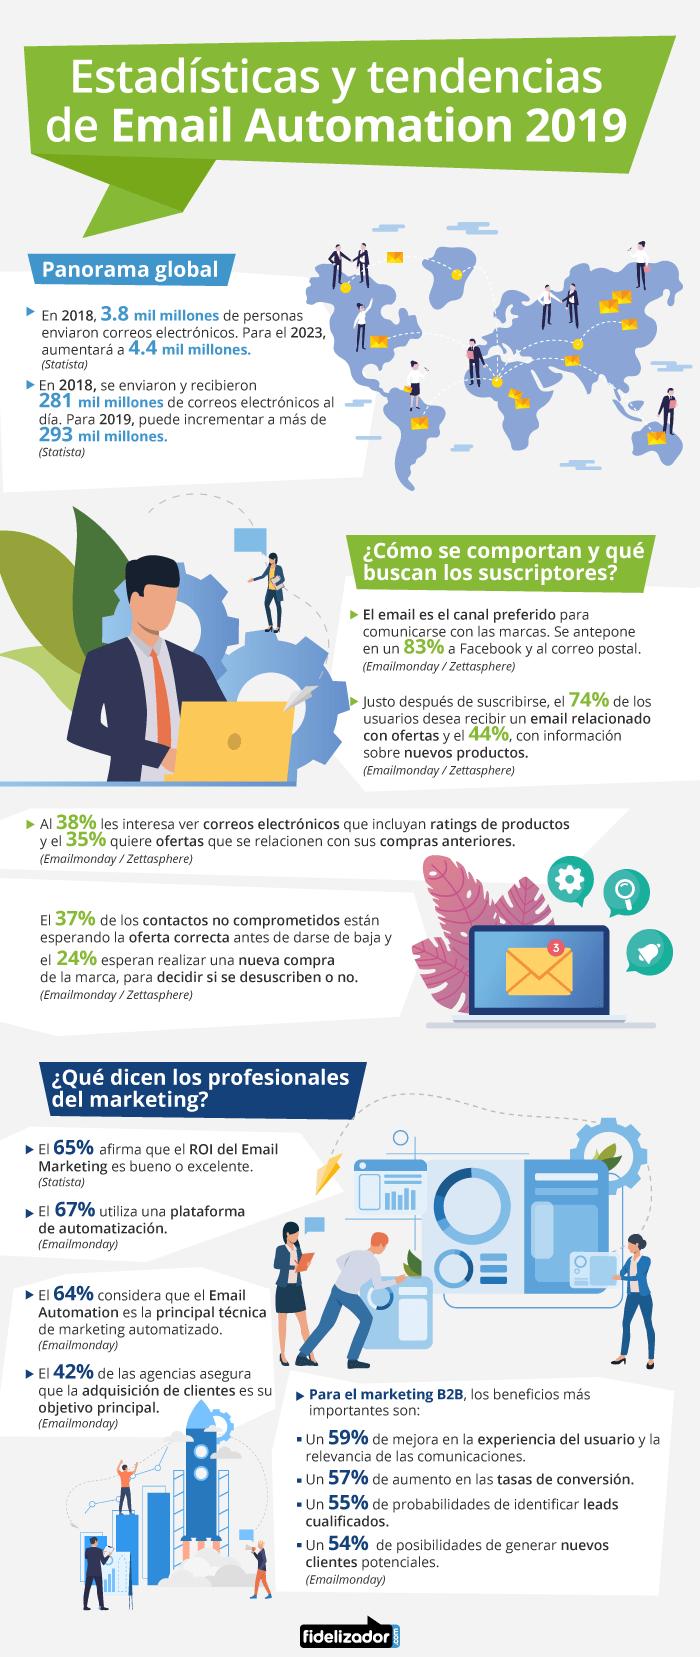 Estadísticas y tendencias de email automation